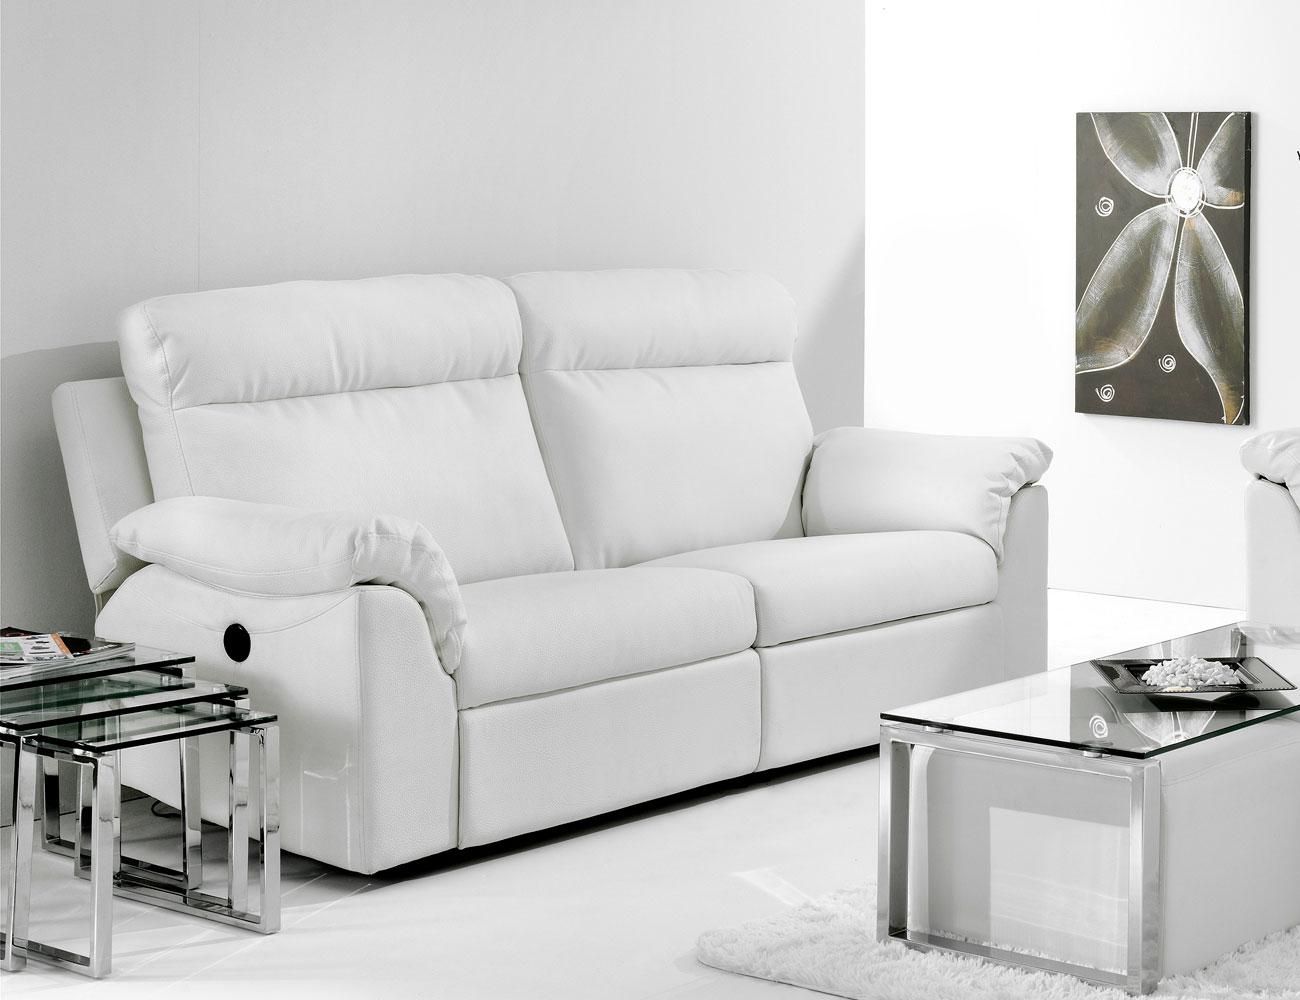 Sofa relax dos motores electrico ecopiel blanco1